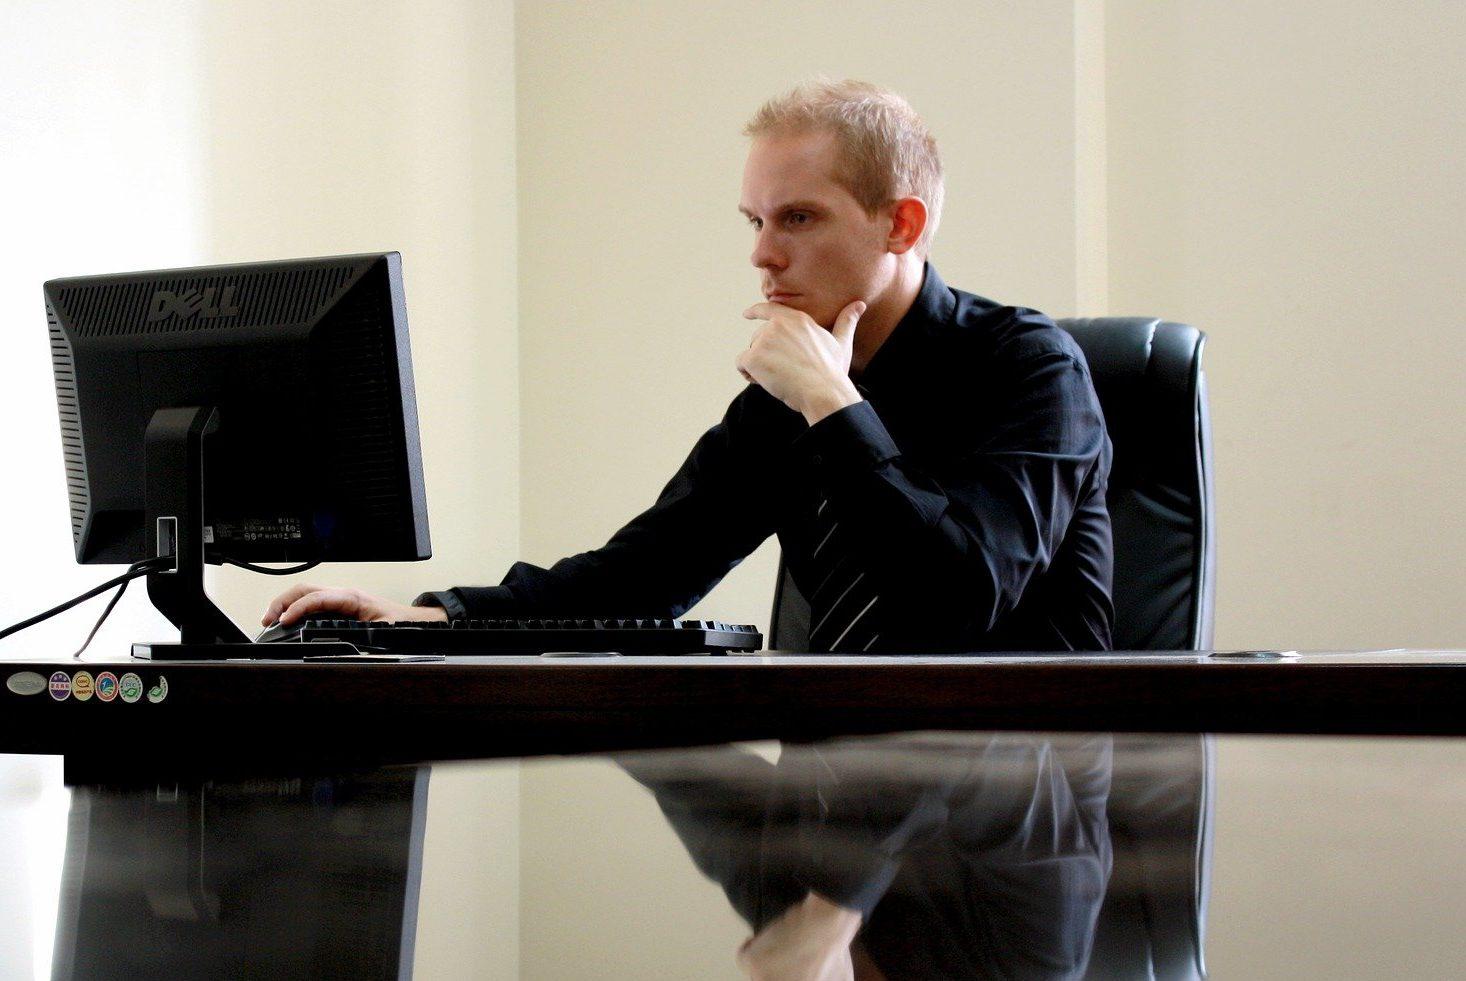 Foto de um homem de roupa preta, sentado em uma mesa tbm preta com um computador. Temos uma parede bege atrás. Imagem ilustrativa para texto corretor de seguros.